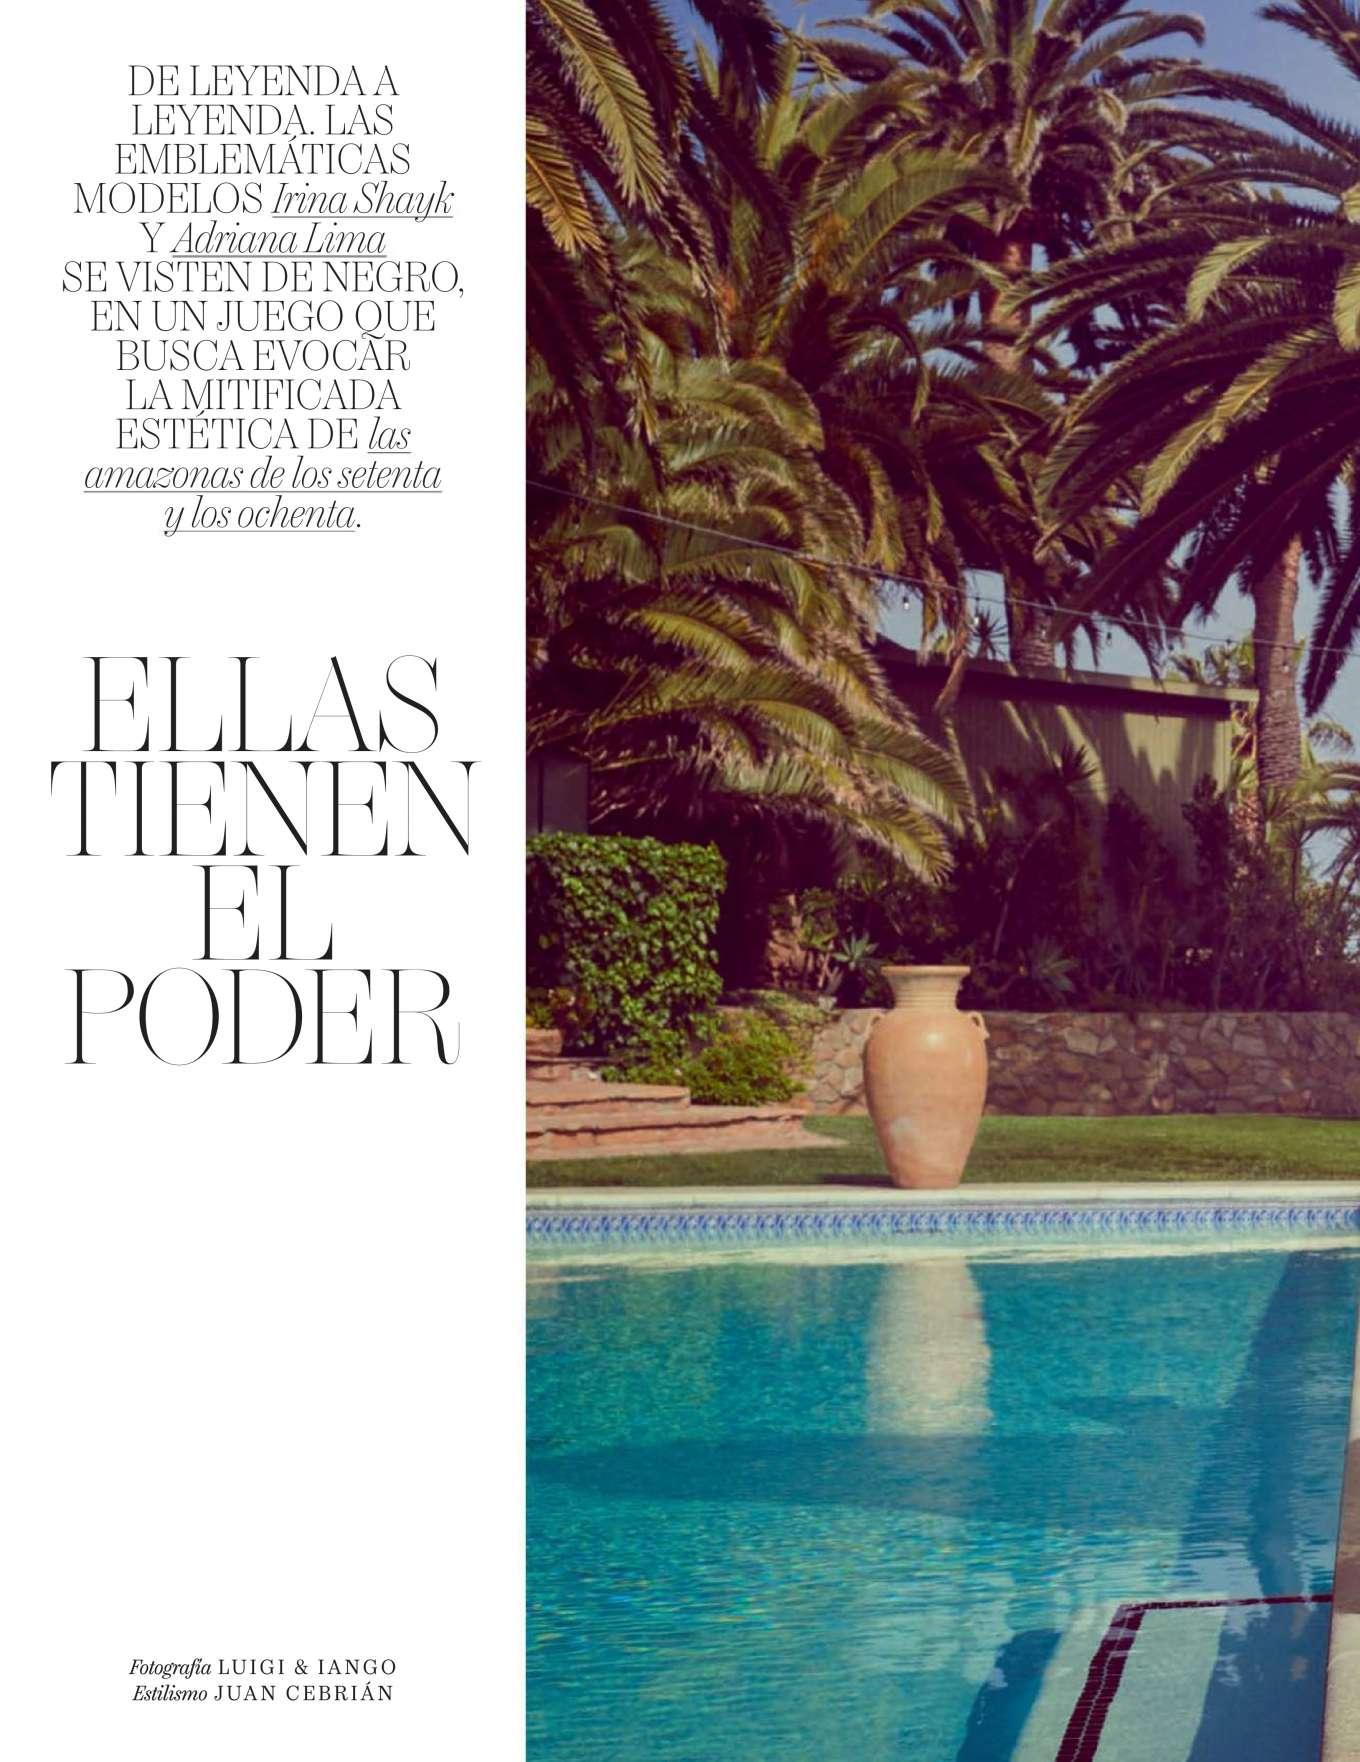 Adriana Lima 2019 : Adriana Lima and Irina Shayk – Vogue Espana 2019-08